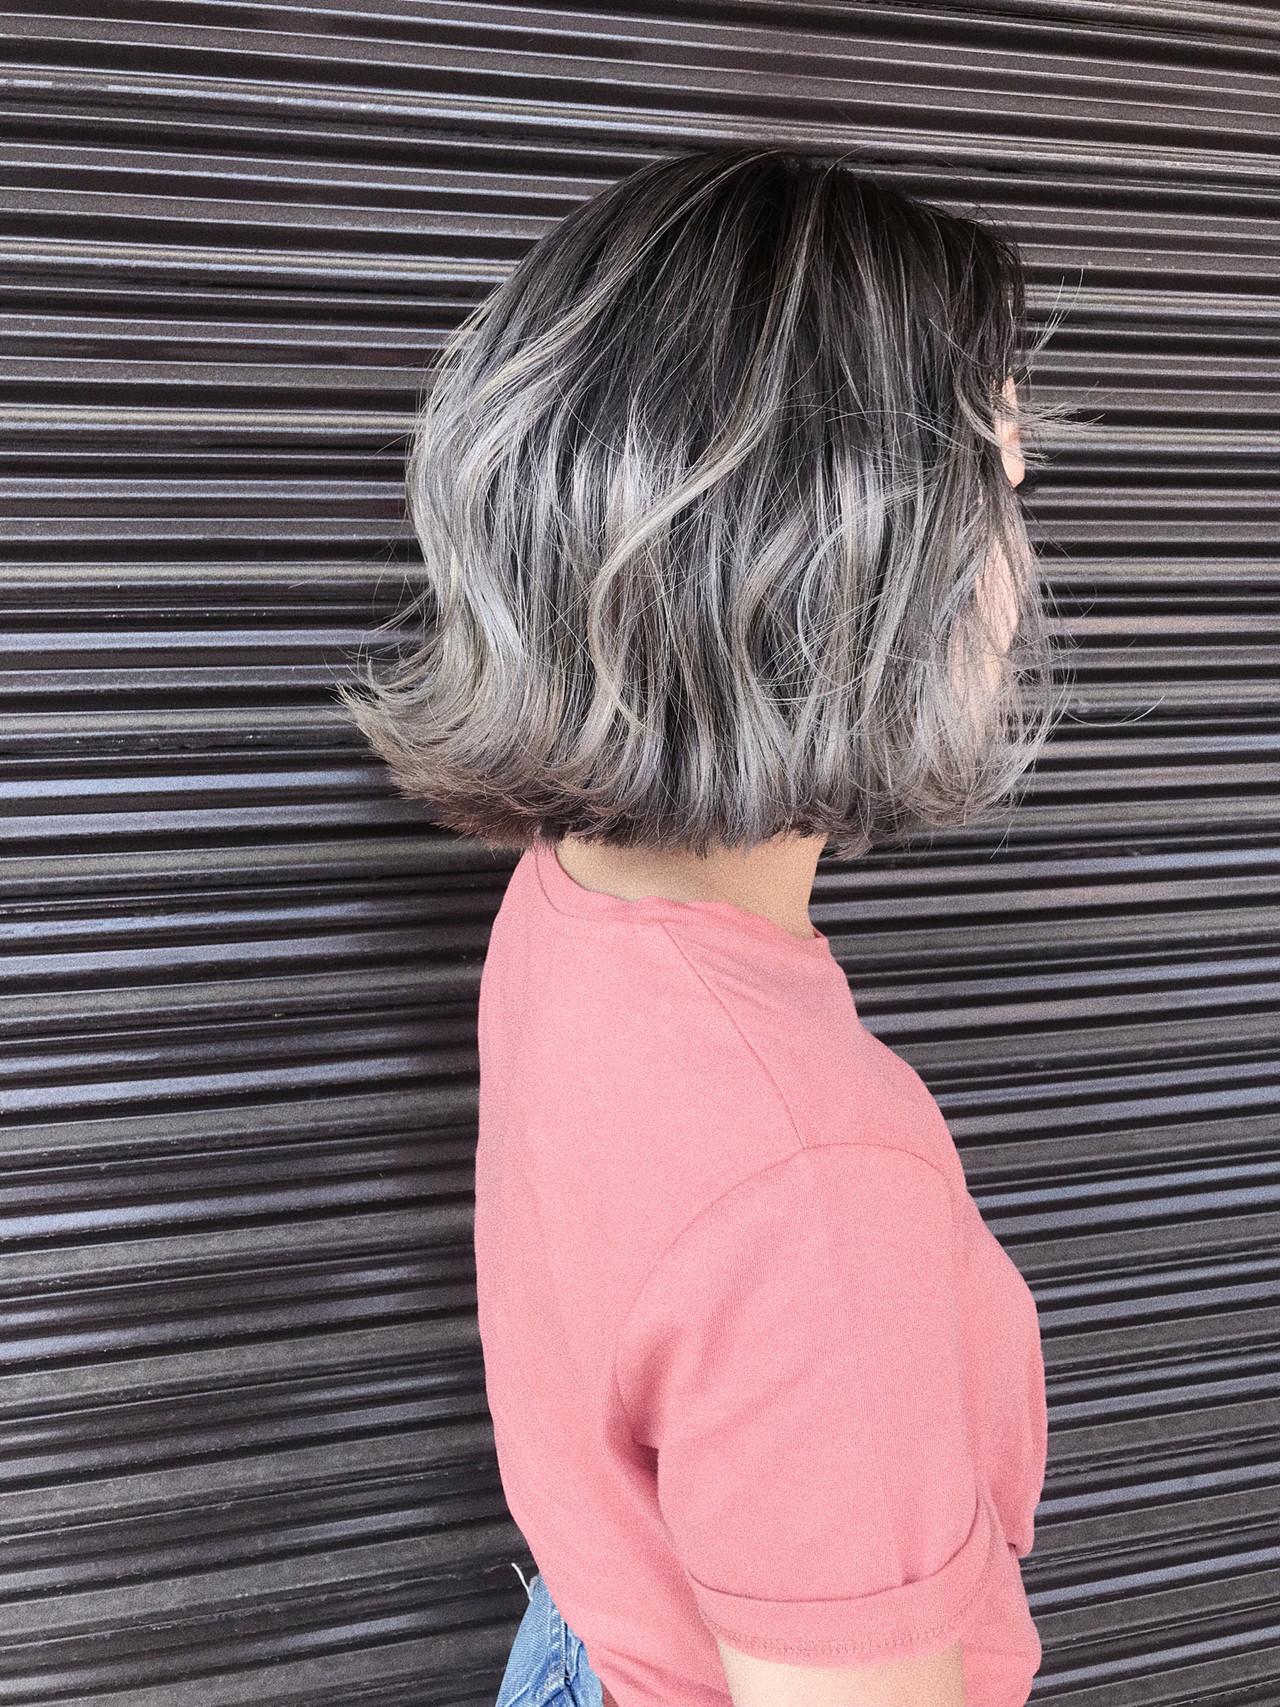 ラベンダーアッシュ モード ボブ プラチナブロンド ヘアスタイルや髪型の写真・画像